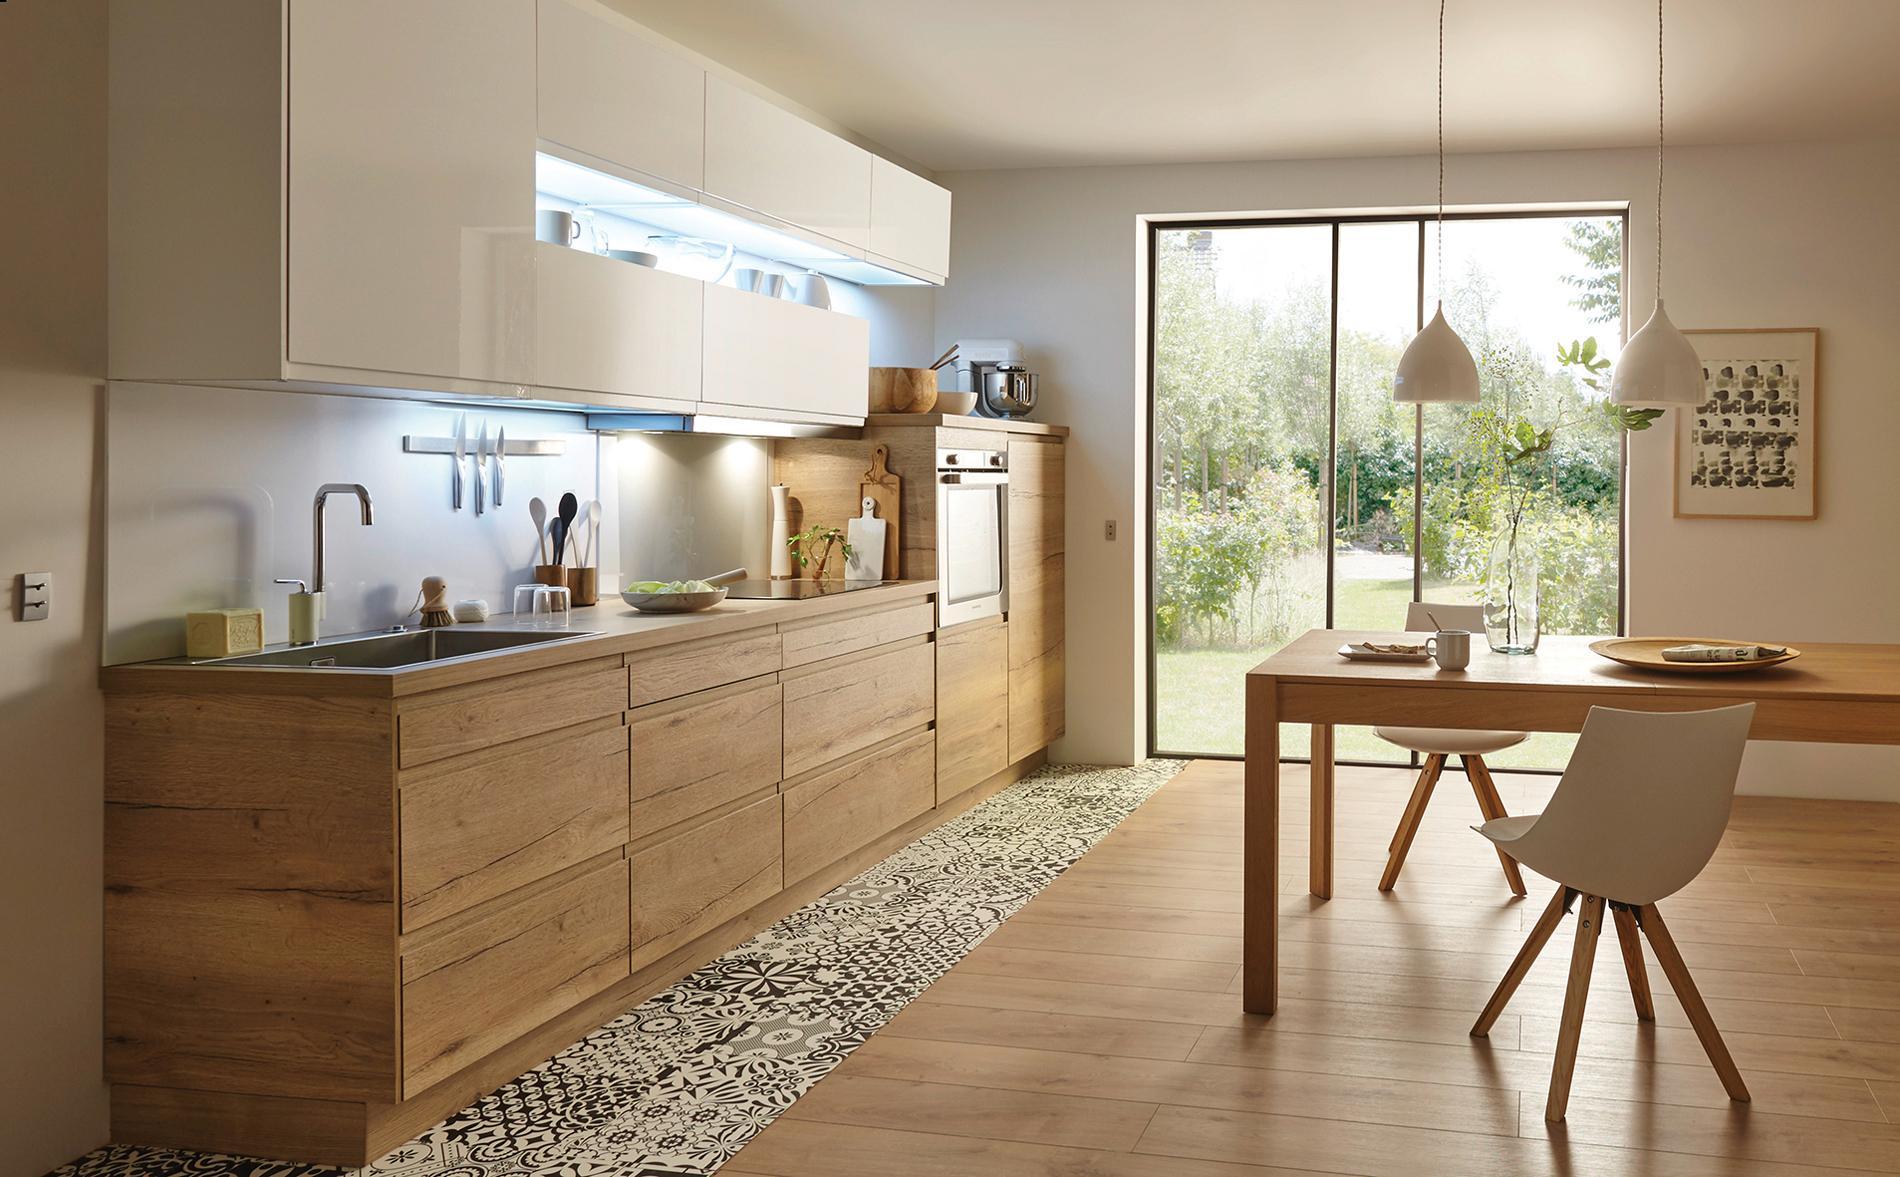 Les 7 commandements pour embellir une cuisine ouverte madame figaro - Photo de cuisine design ...